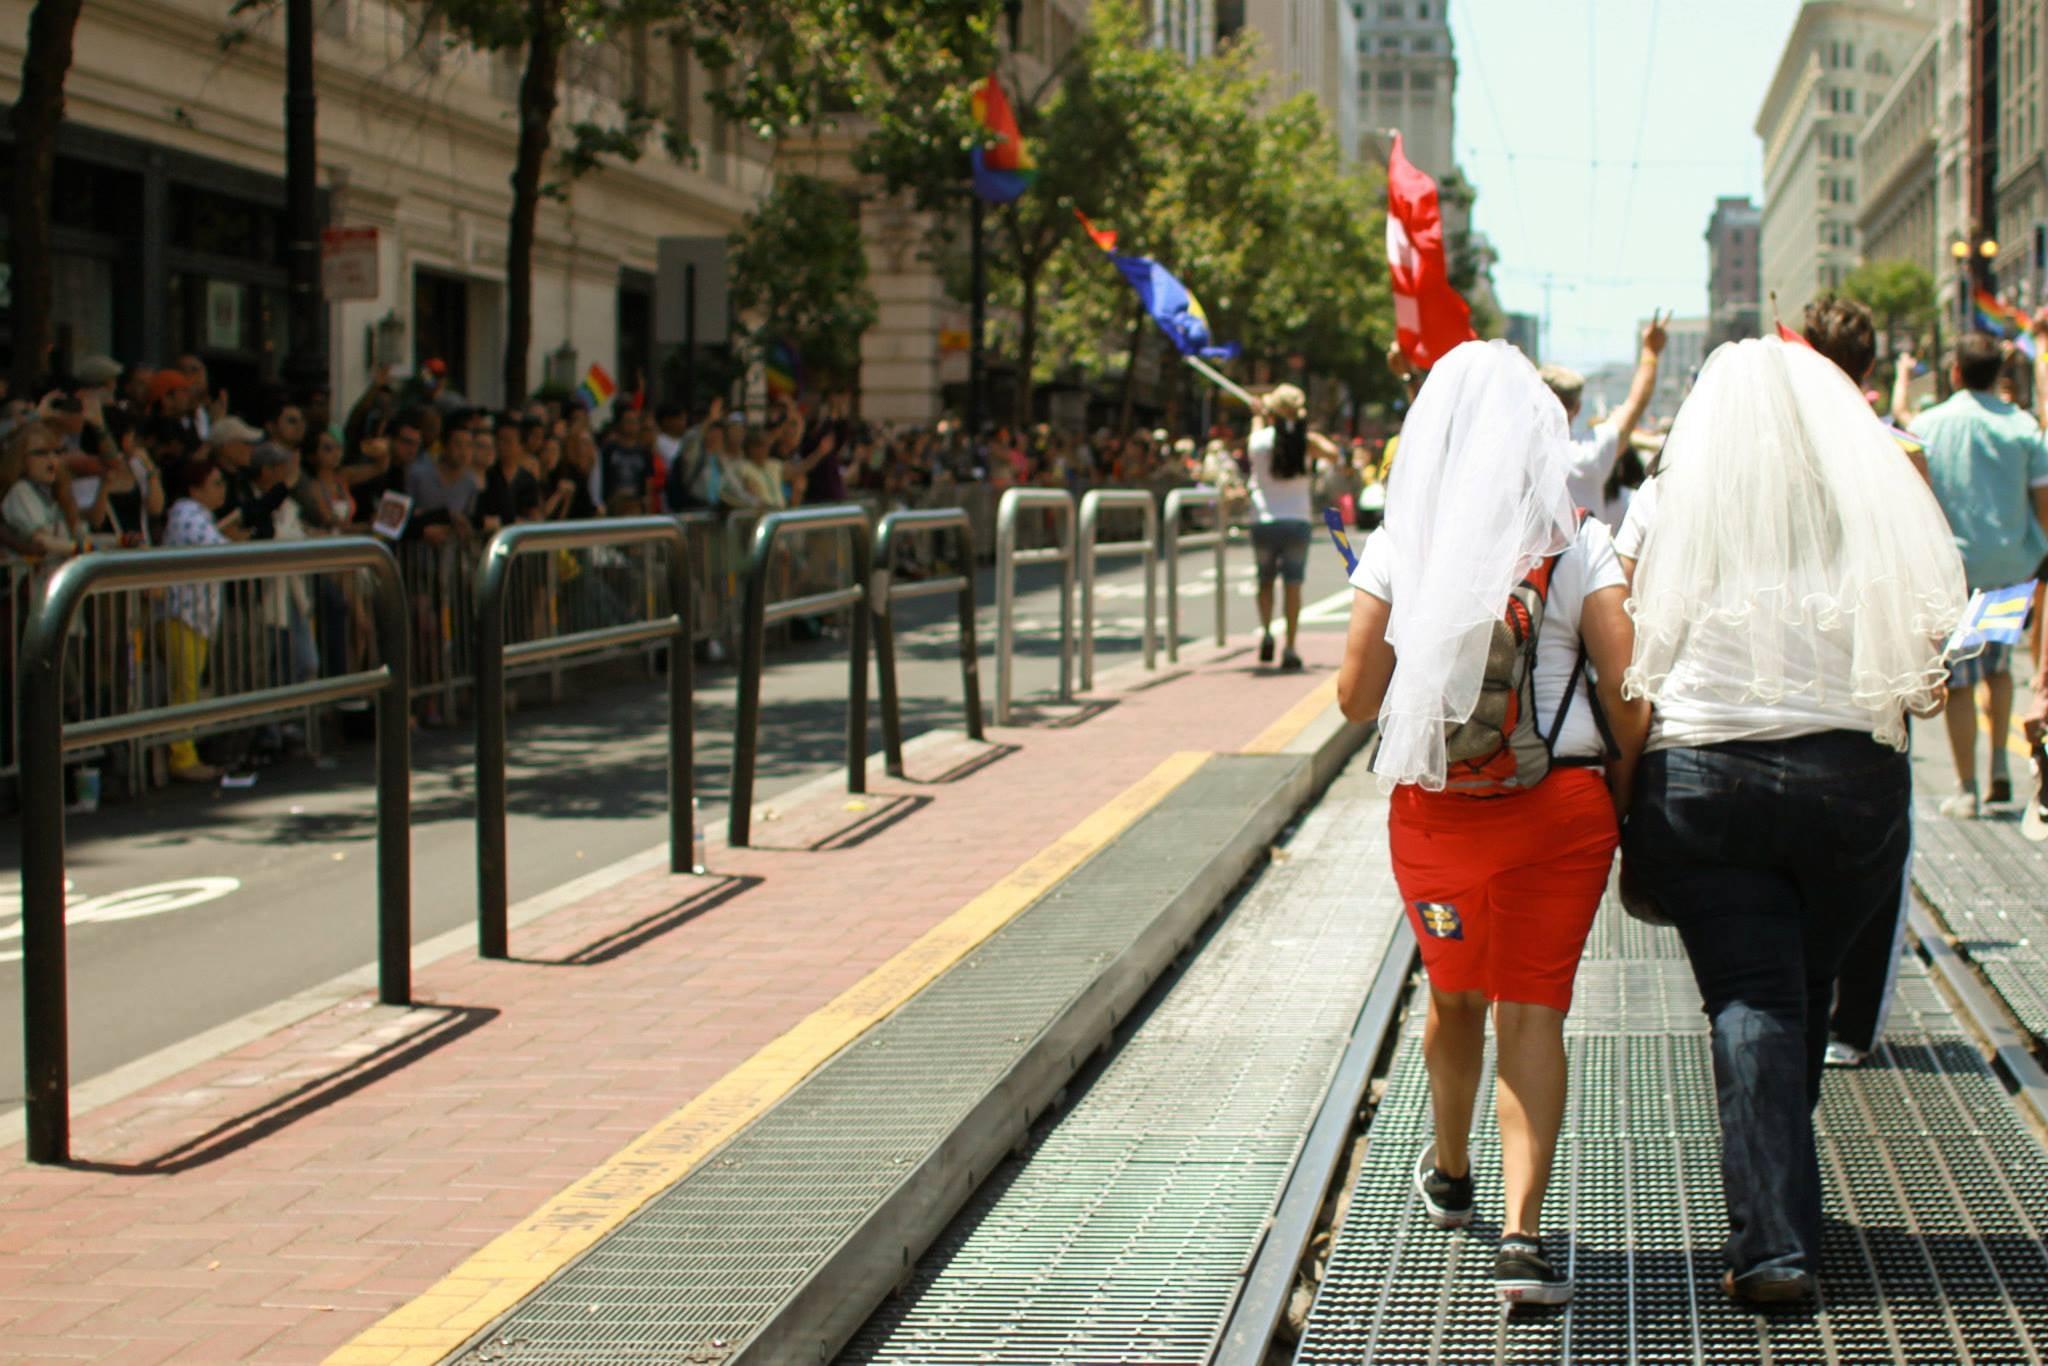 The 2013 San Francisco Pride Parade